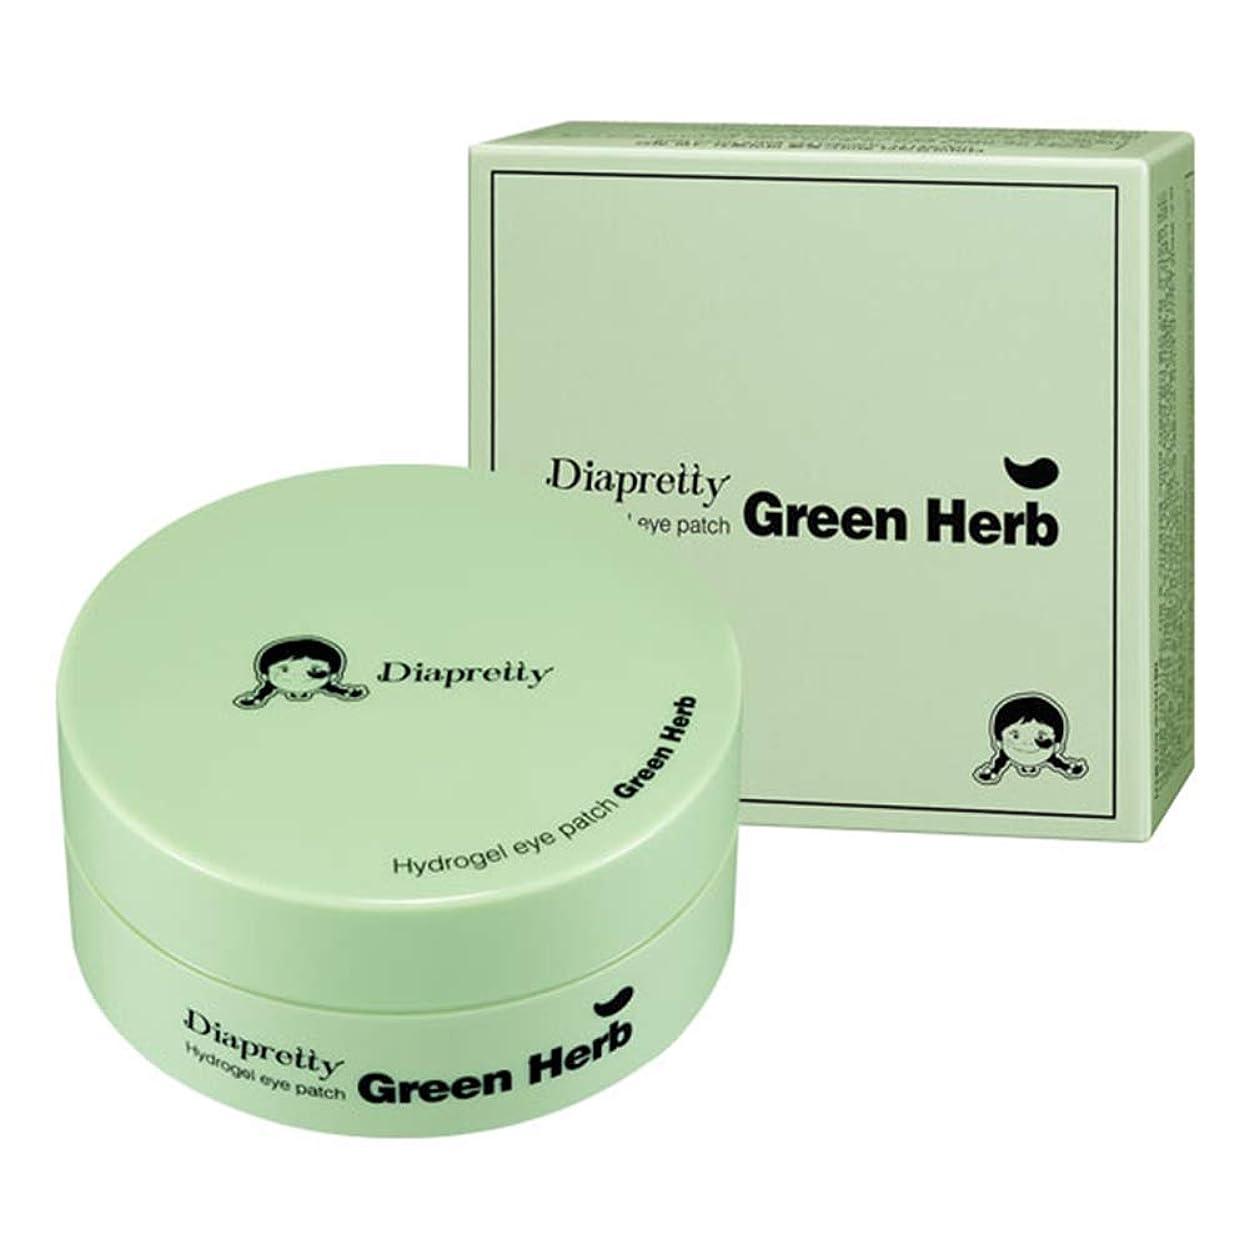 バラエティメイン警官[ダイアプリティ] ハイドロゲルア イパッチ (Greeen Herb) 60枚, [Diapretty] Hydrogel Eyepatch(Green Herb) 60pieces